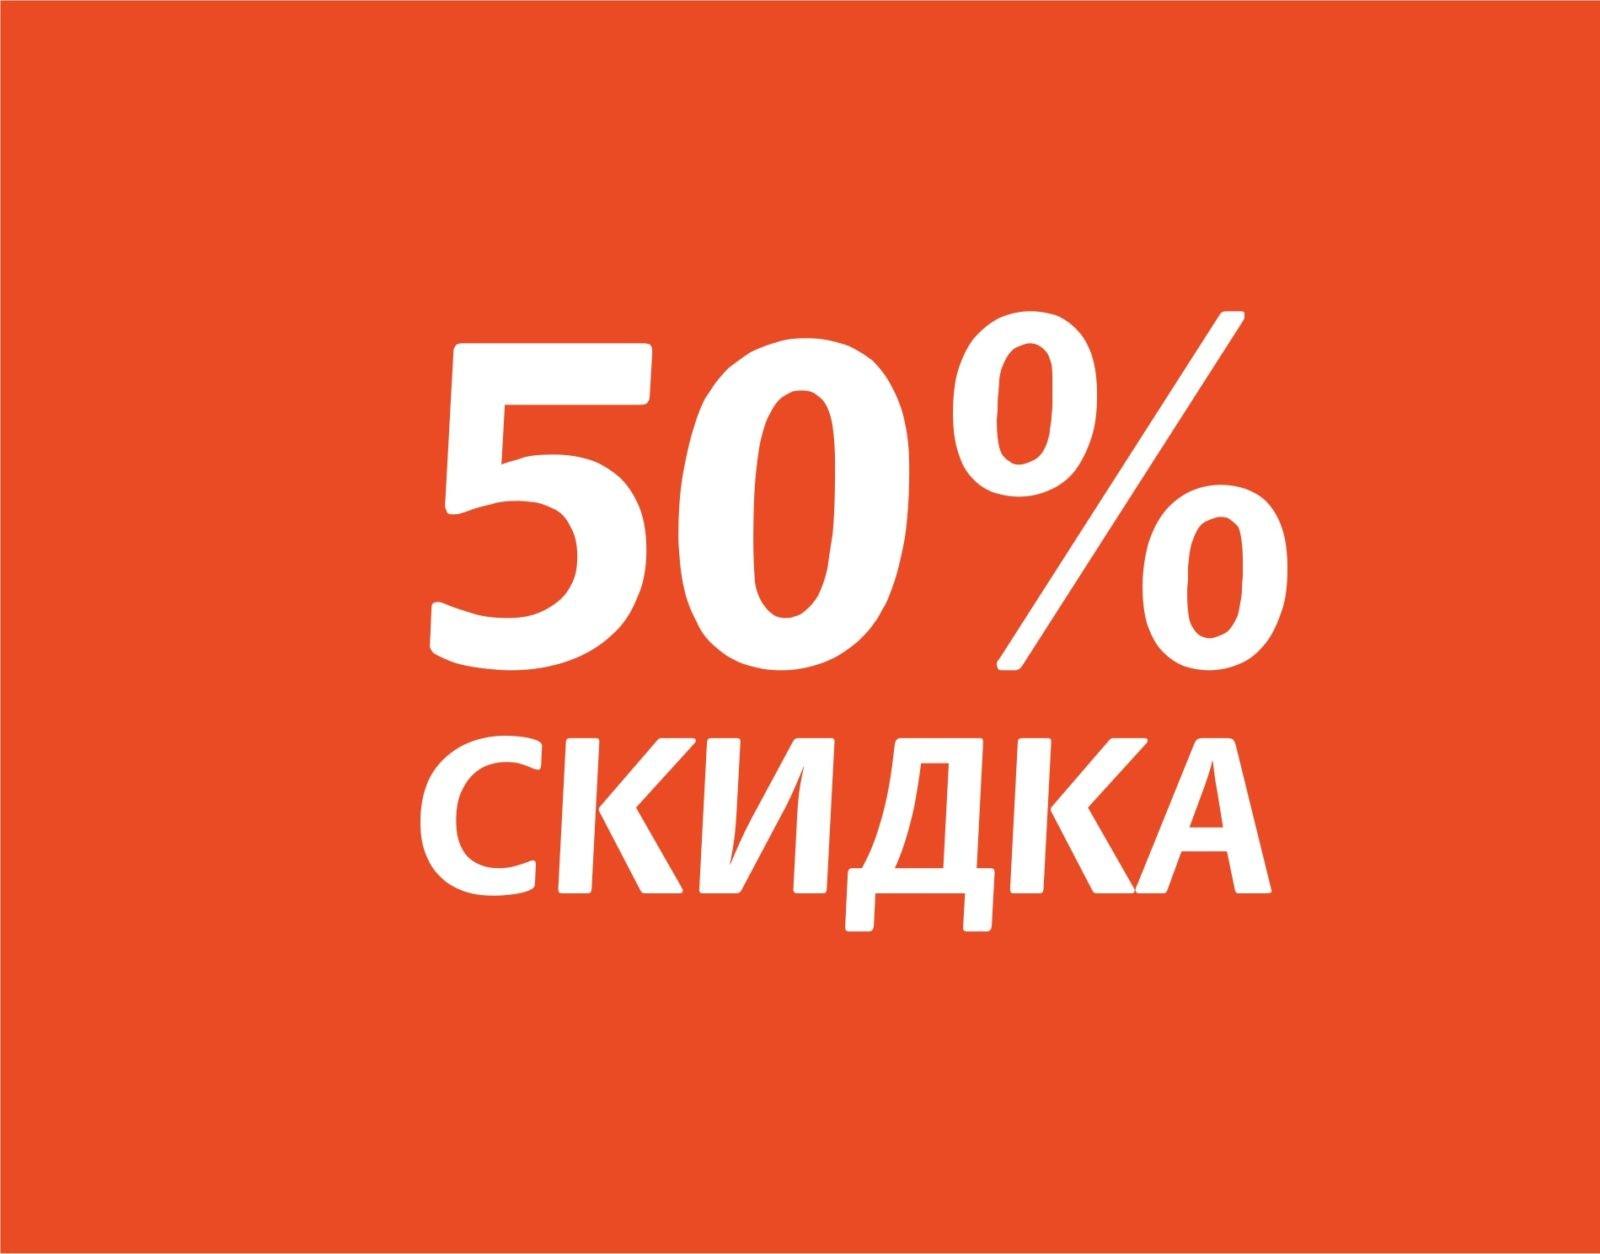 Картинках, картинки скидки 50 процентов